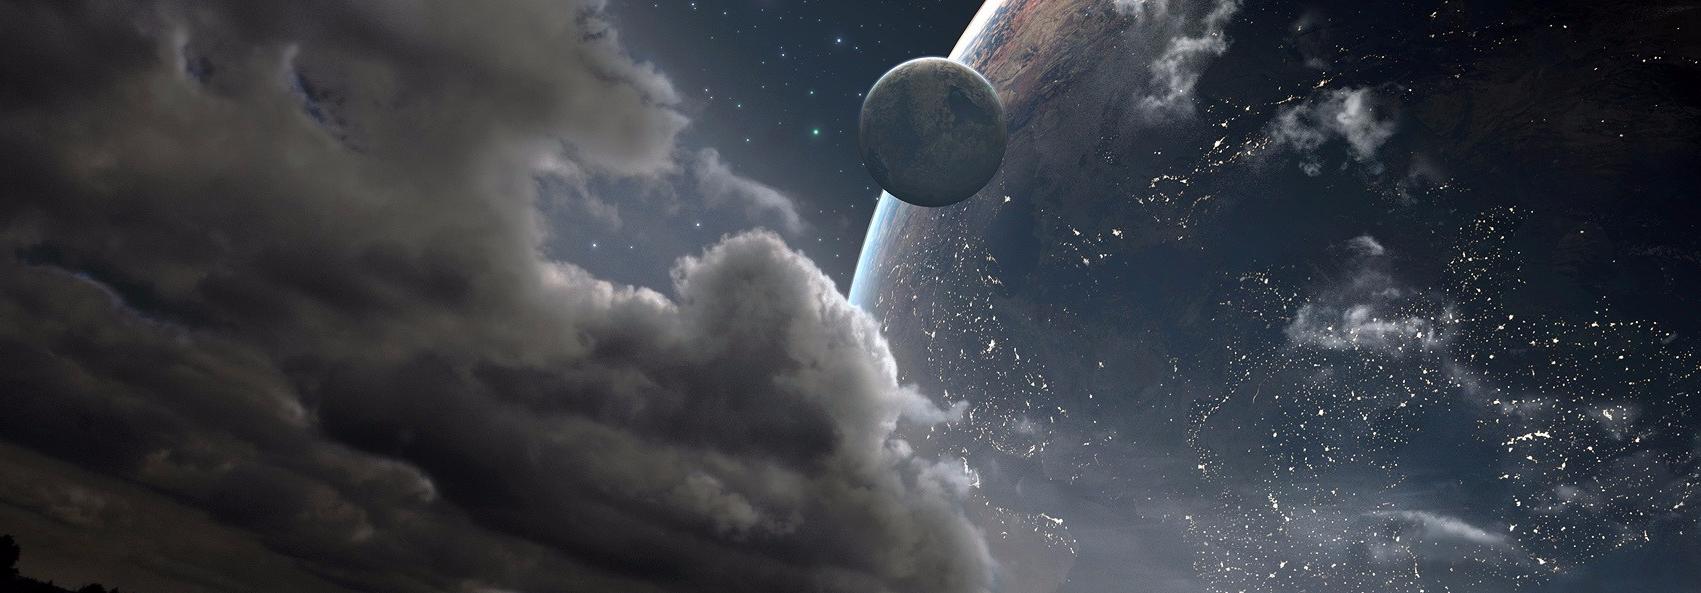 流浪地球,新基石还是黑天鹅?